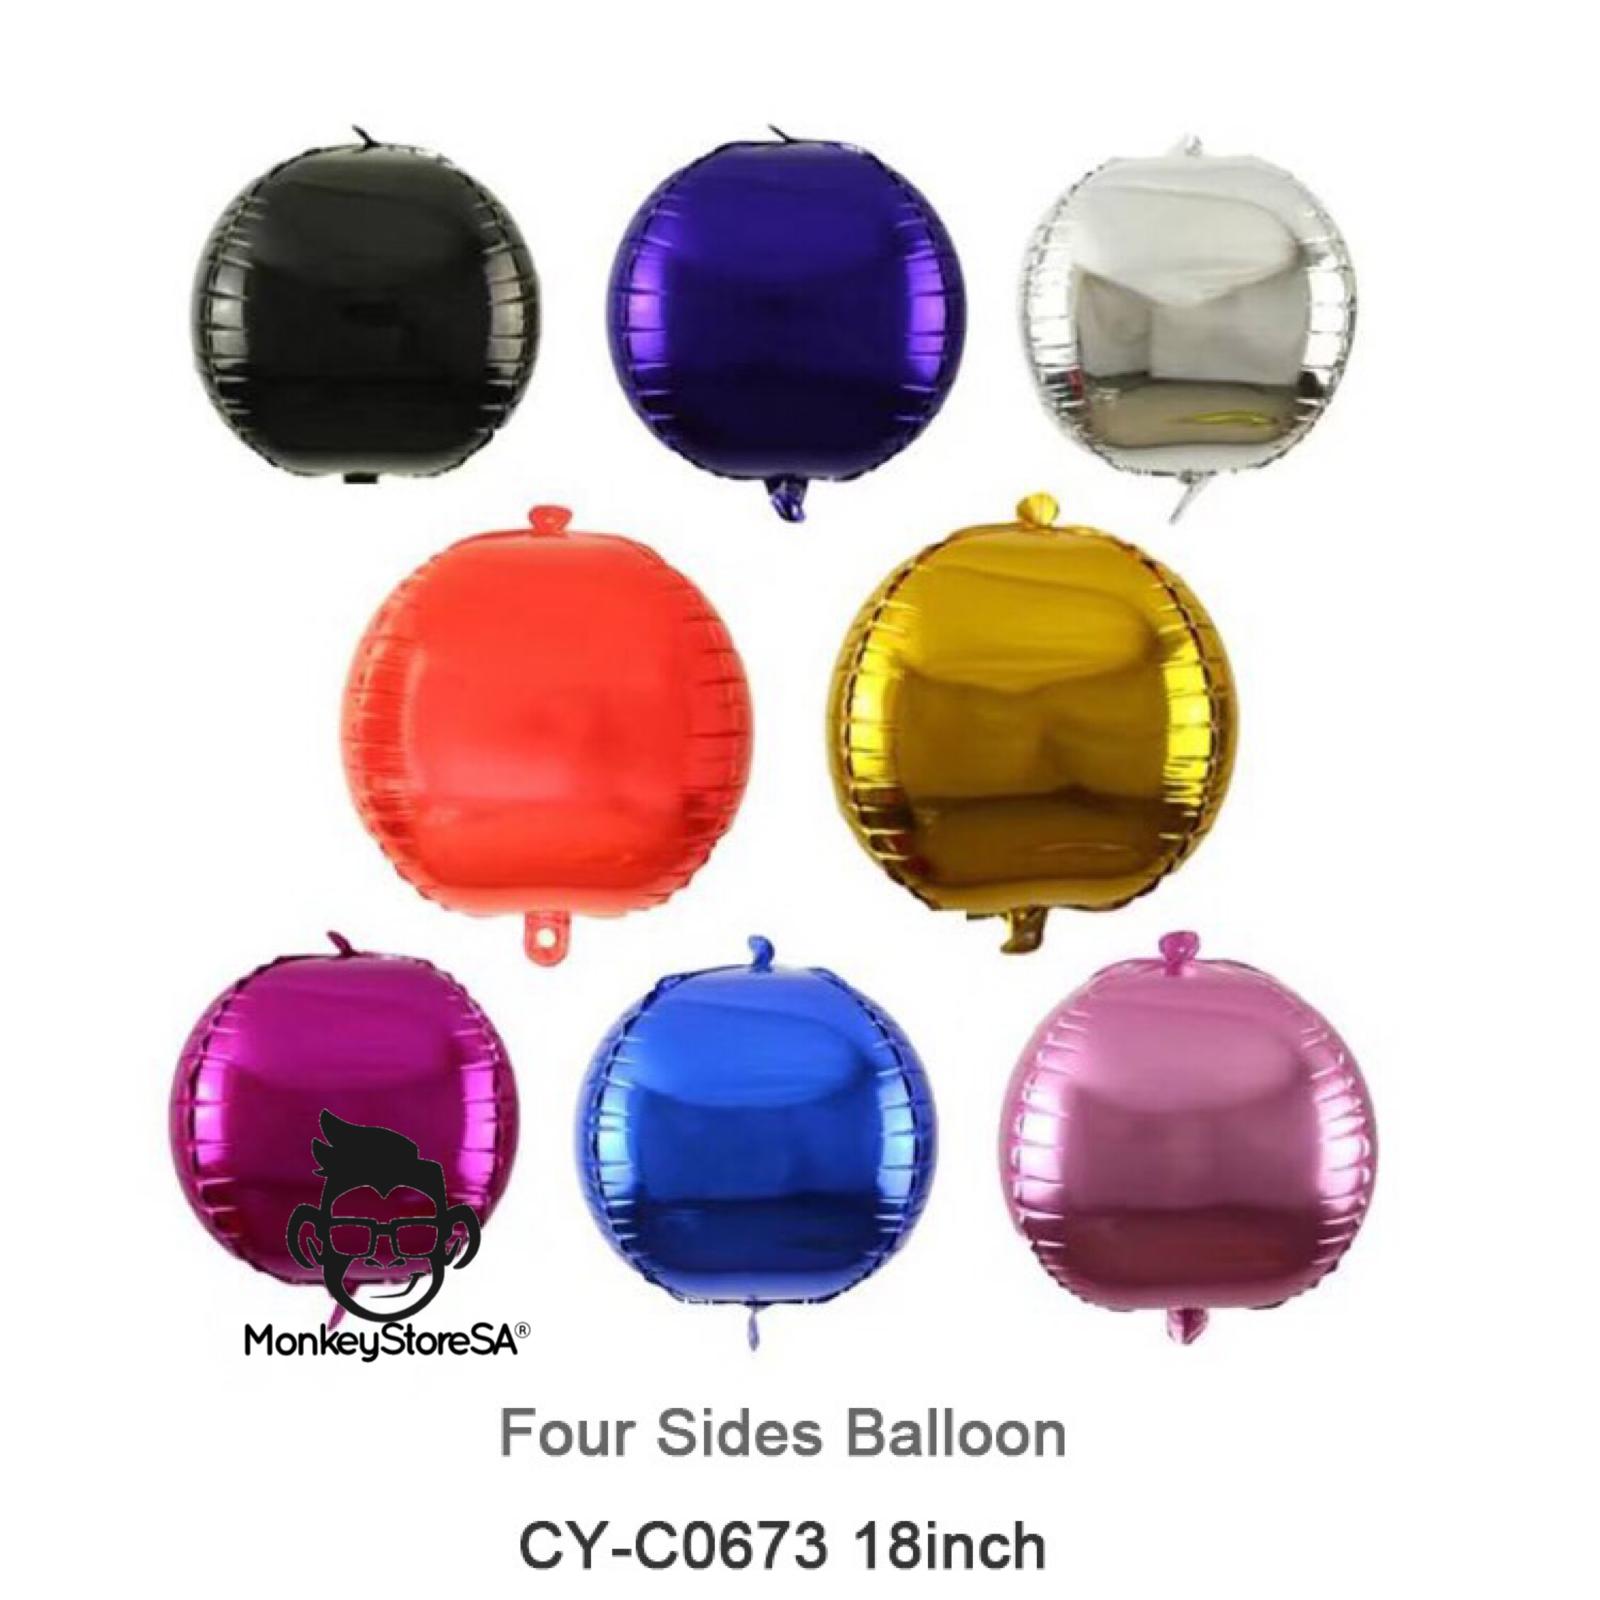 بالونه هيليوم سعر الحبه ٤٥ ريال شامل النفخ متوفره من الون الذهبي فضي اسود Balloons Helium Balloons Helium